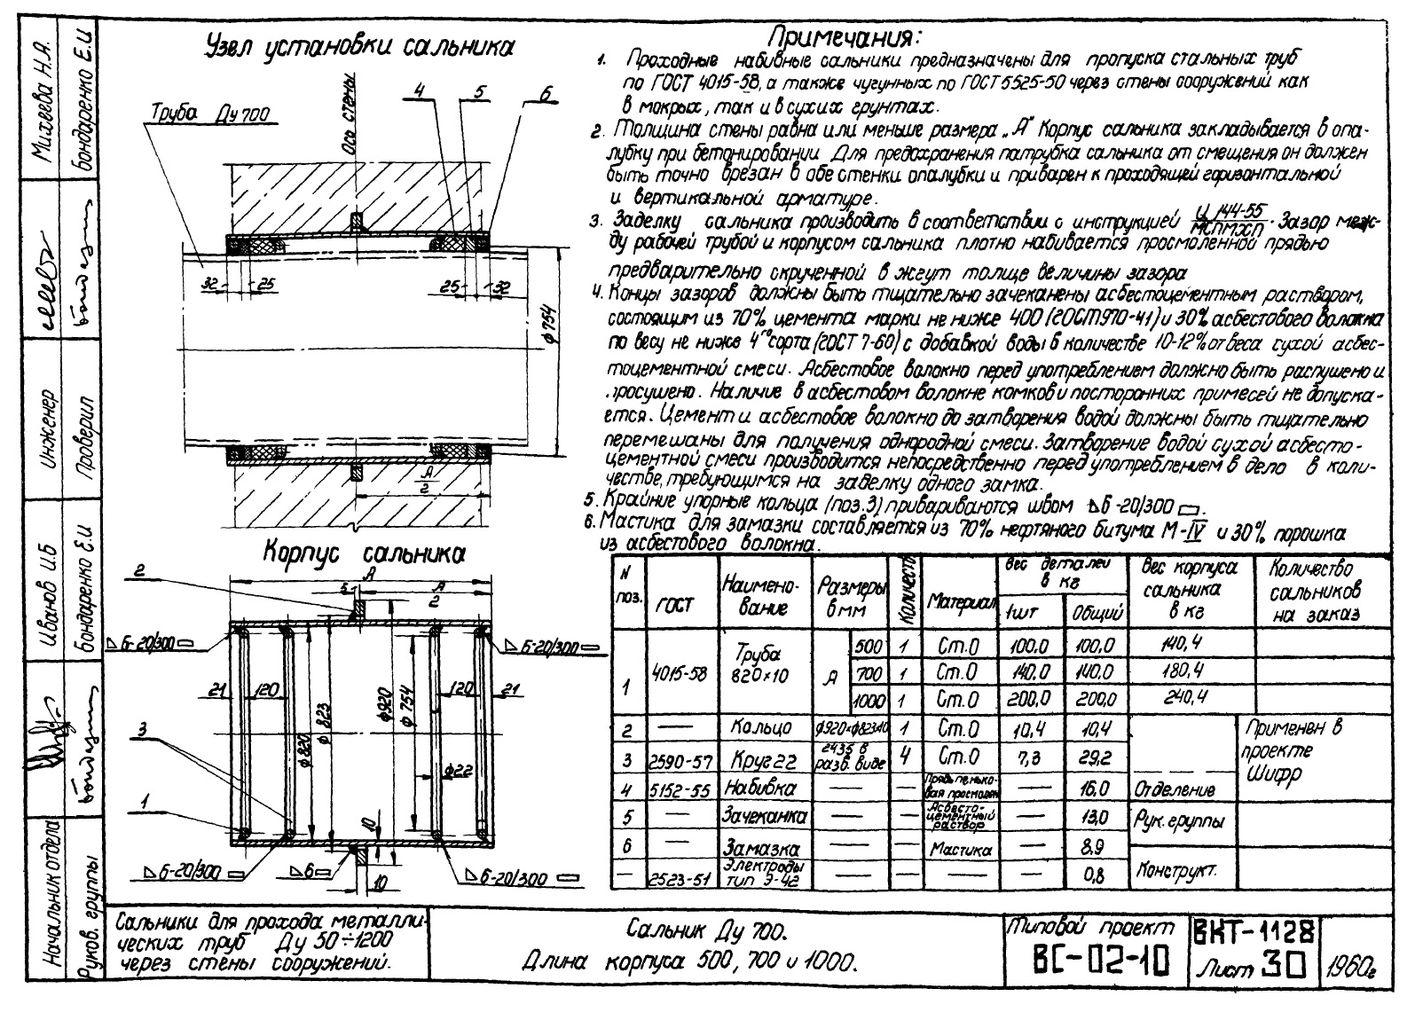 Сальники набивные L = 500 мм типовой проект ВС-02-10 стр.14